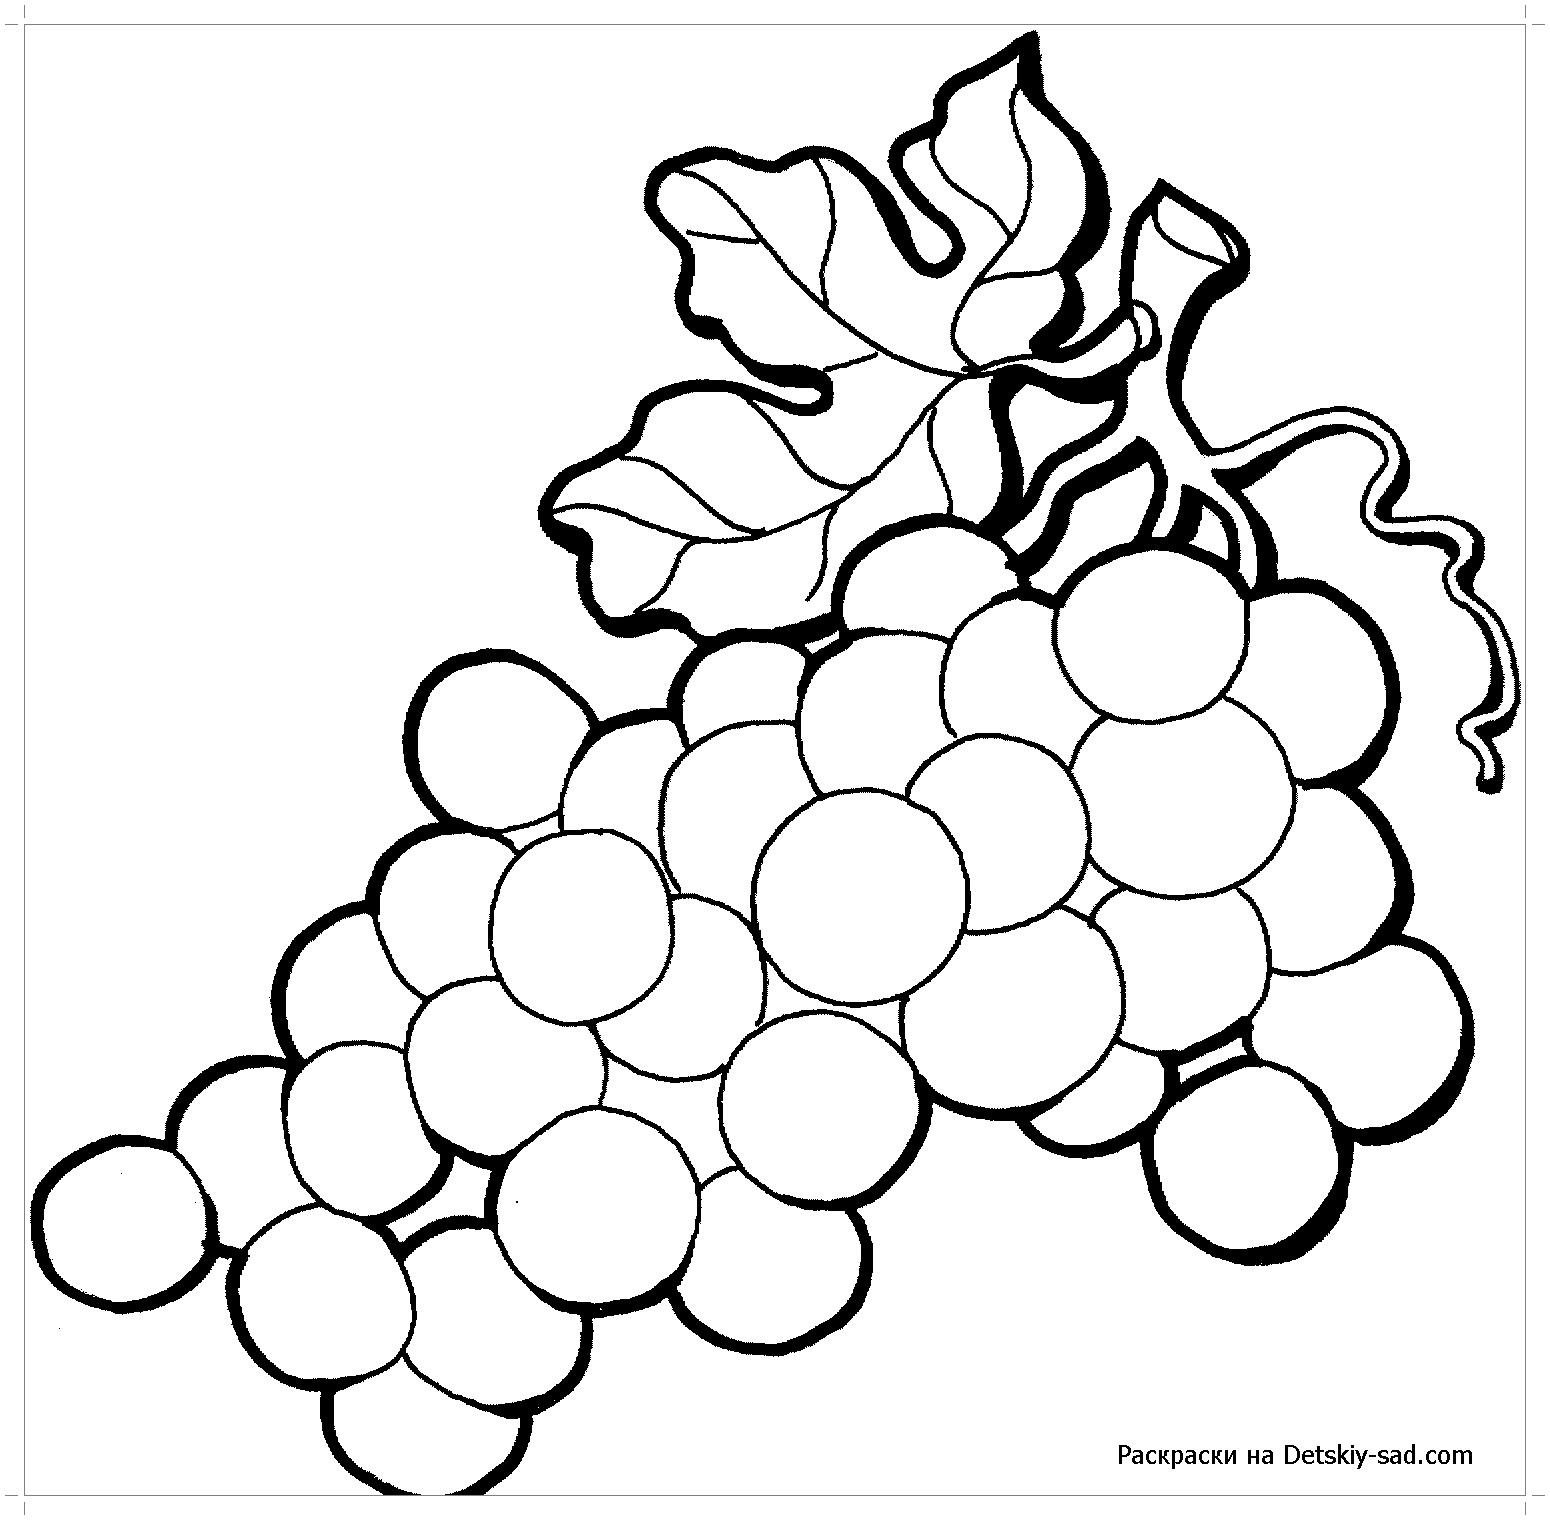 Круглый виноград раскраска - Все для детского сада